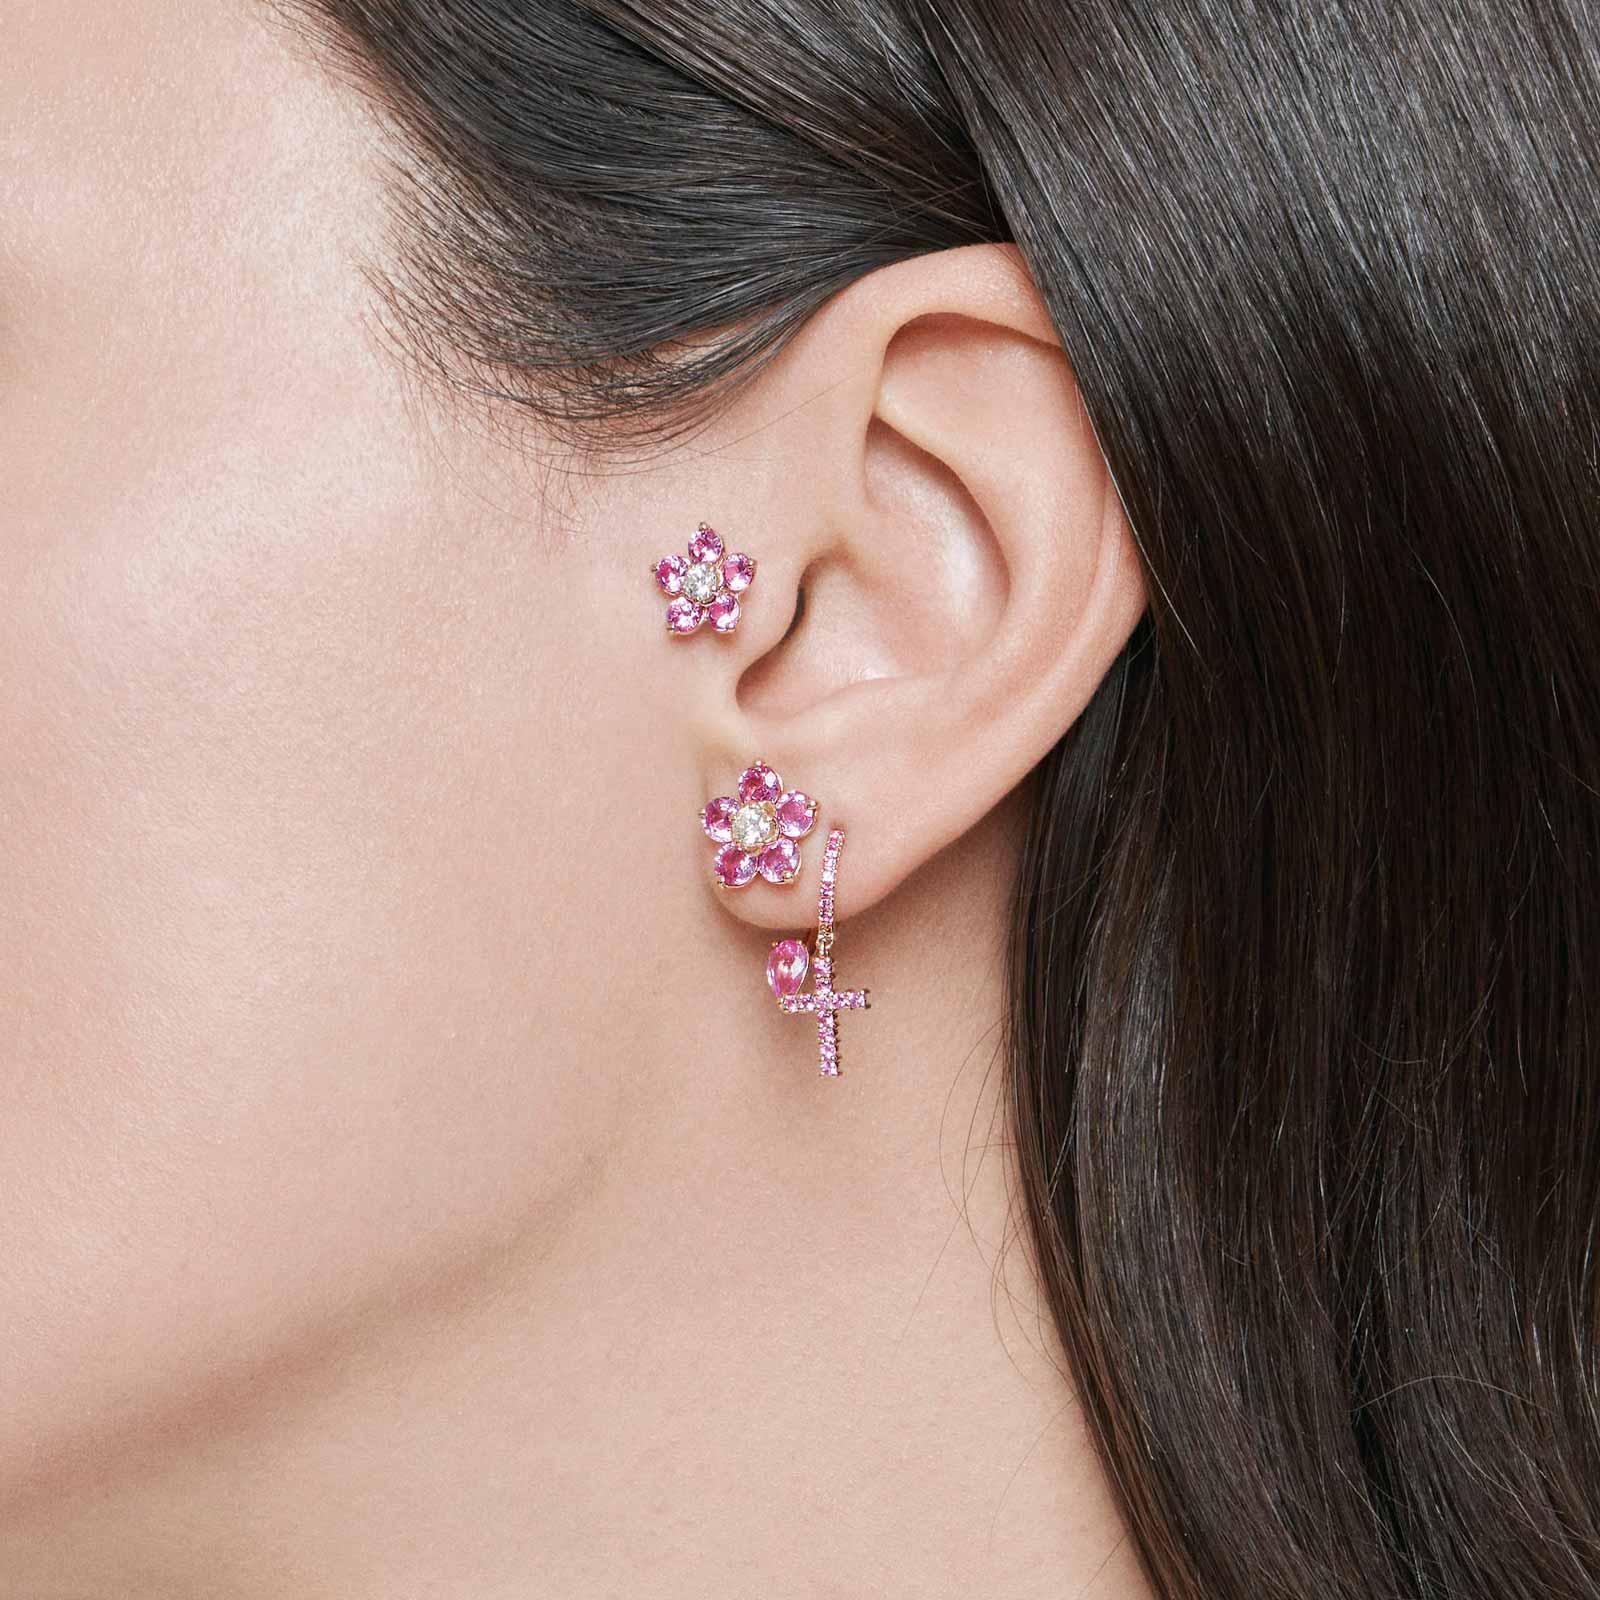 Crivelli – Mono orecchino in oro rosa con fiori in diamanti e zaffiri rosa